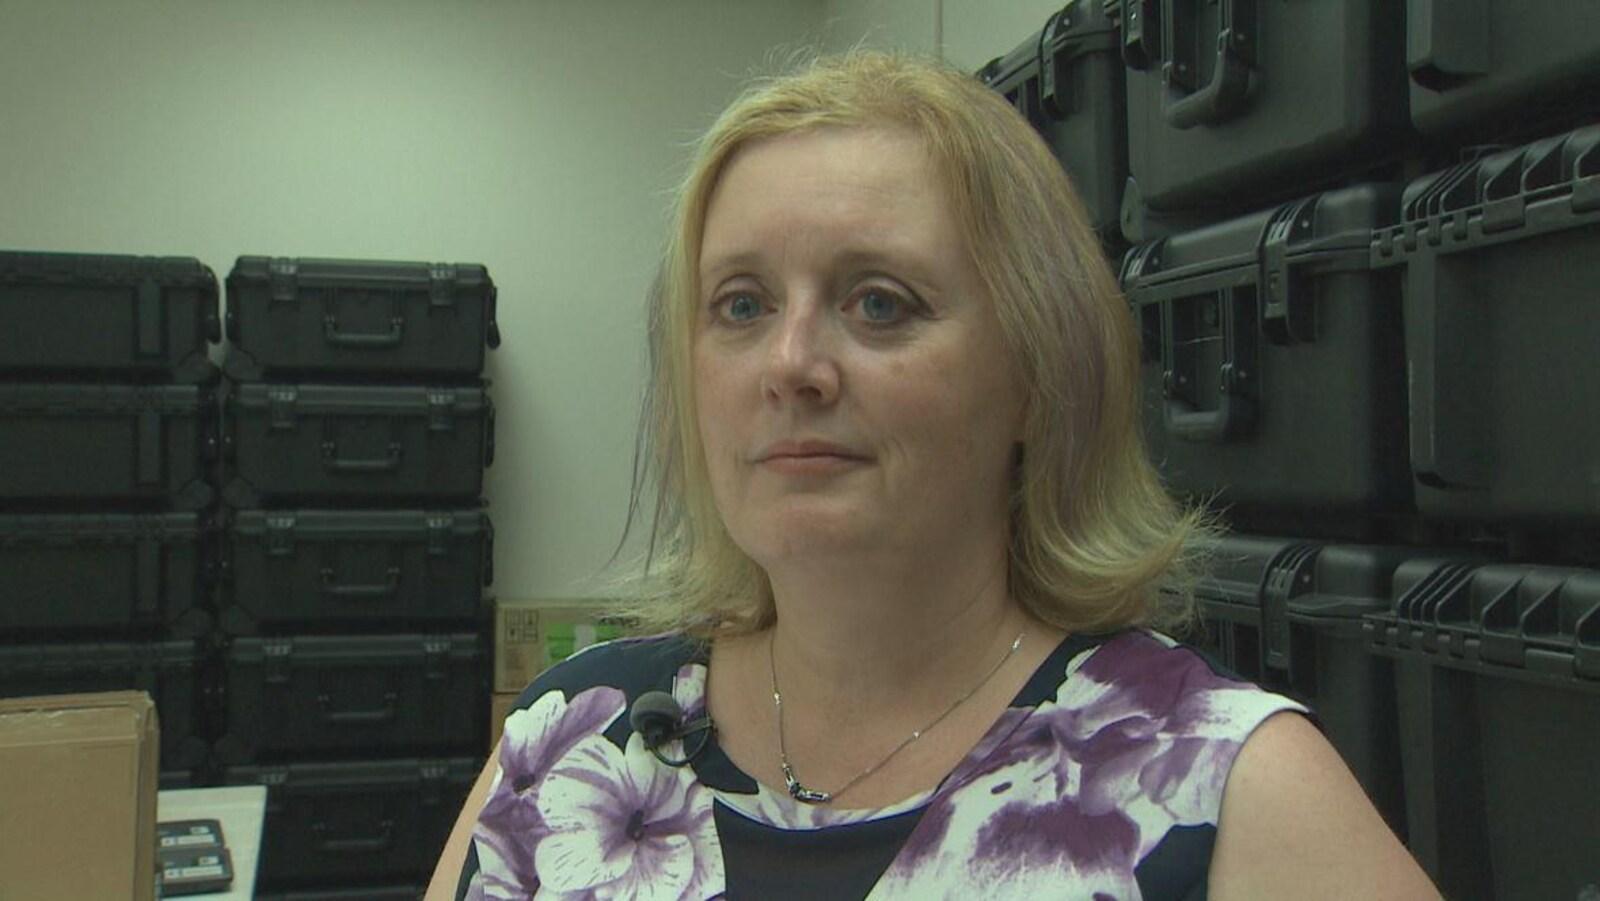 Kim Poffenroth en entrevue entourée de boîtes de scrutin